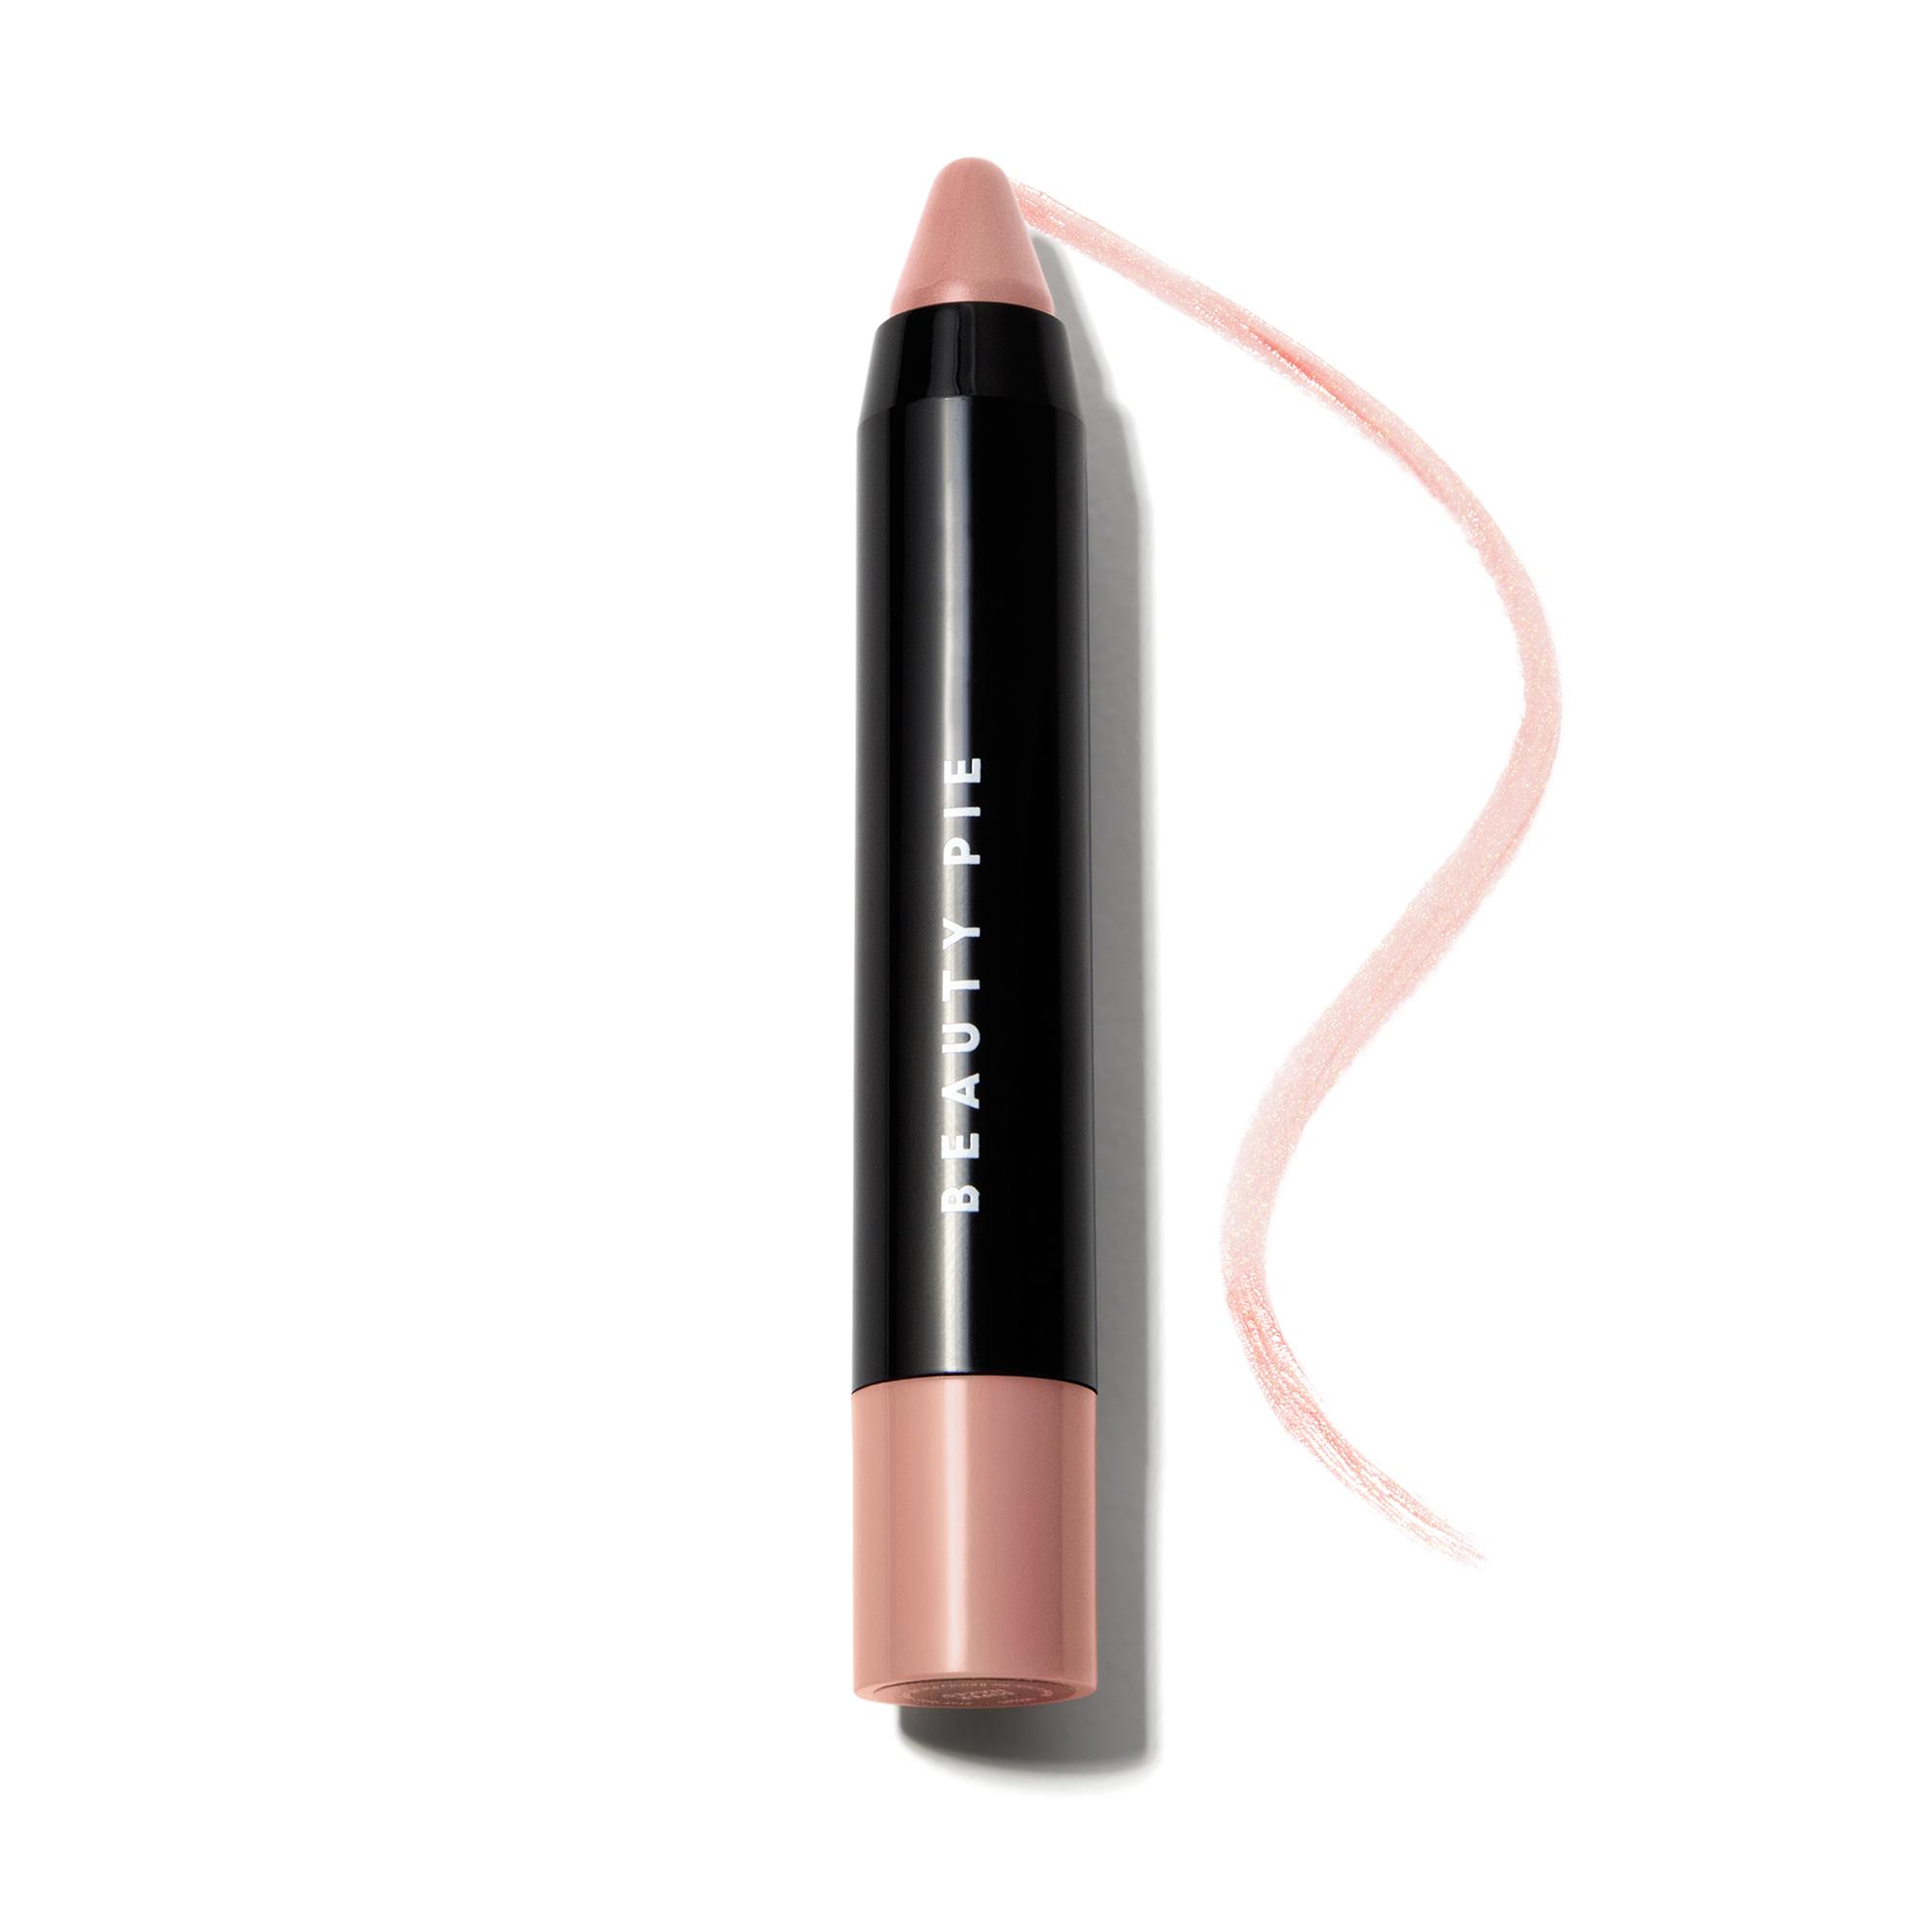 beautypie.com - Shine Up™ Lip Colour Balm Stick